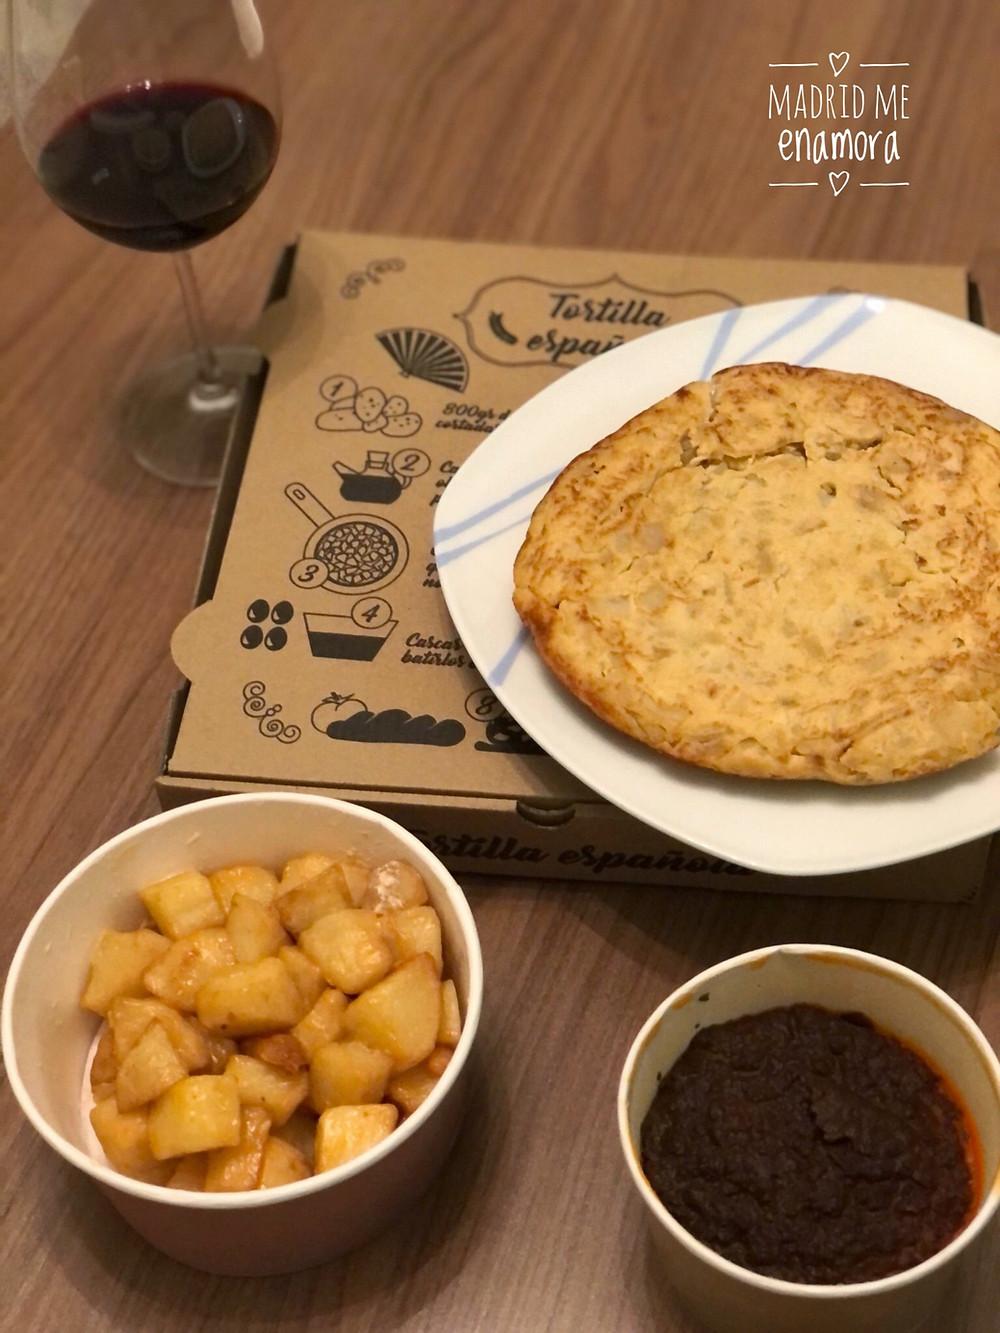 La comida casera y tradicional marca la diferencia de Jamon House.